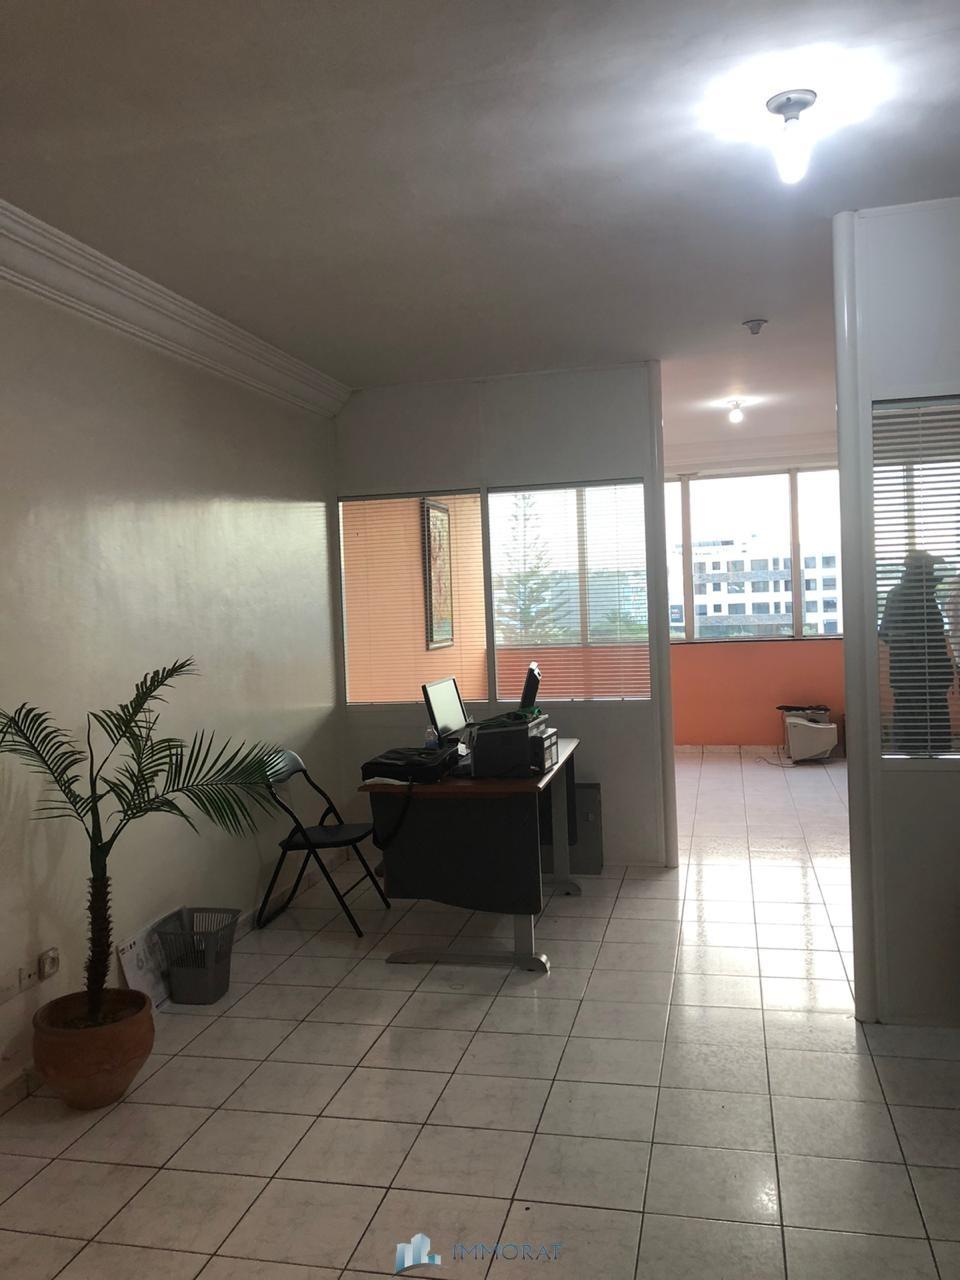 Location Bureau Boulevard Anoual Casablanca